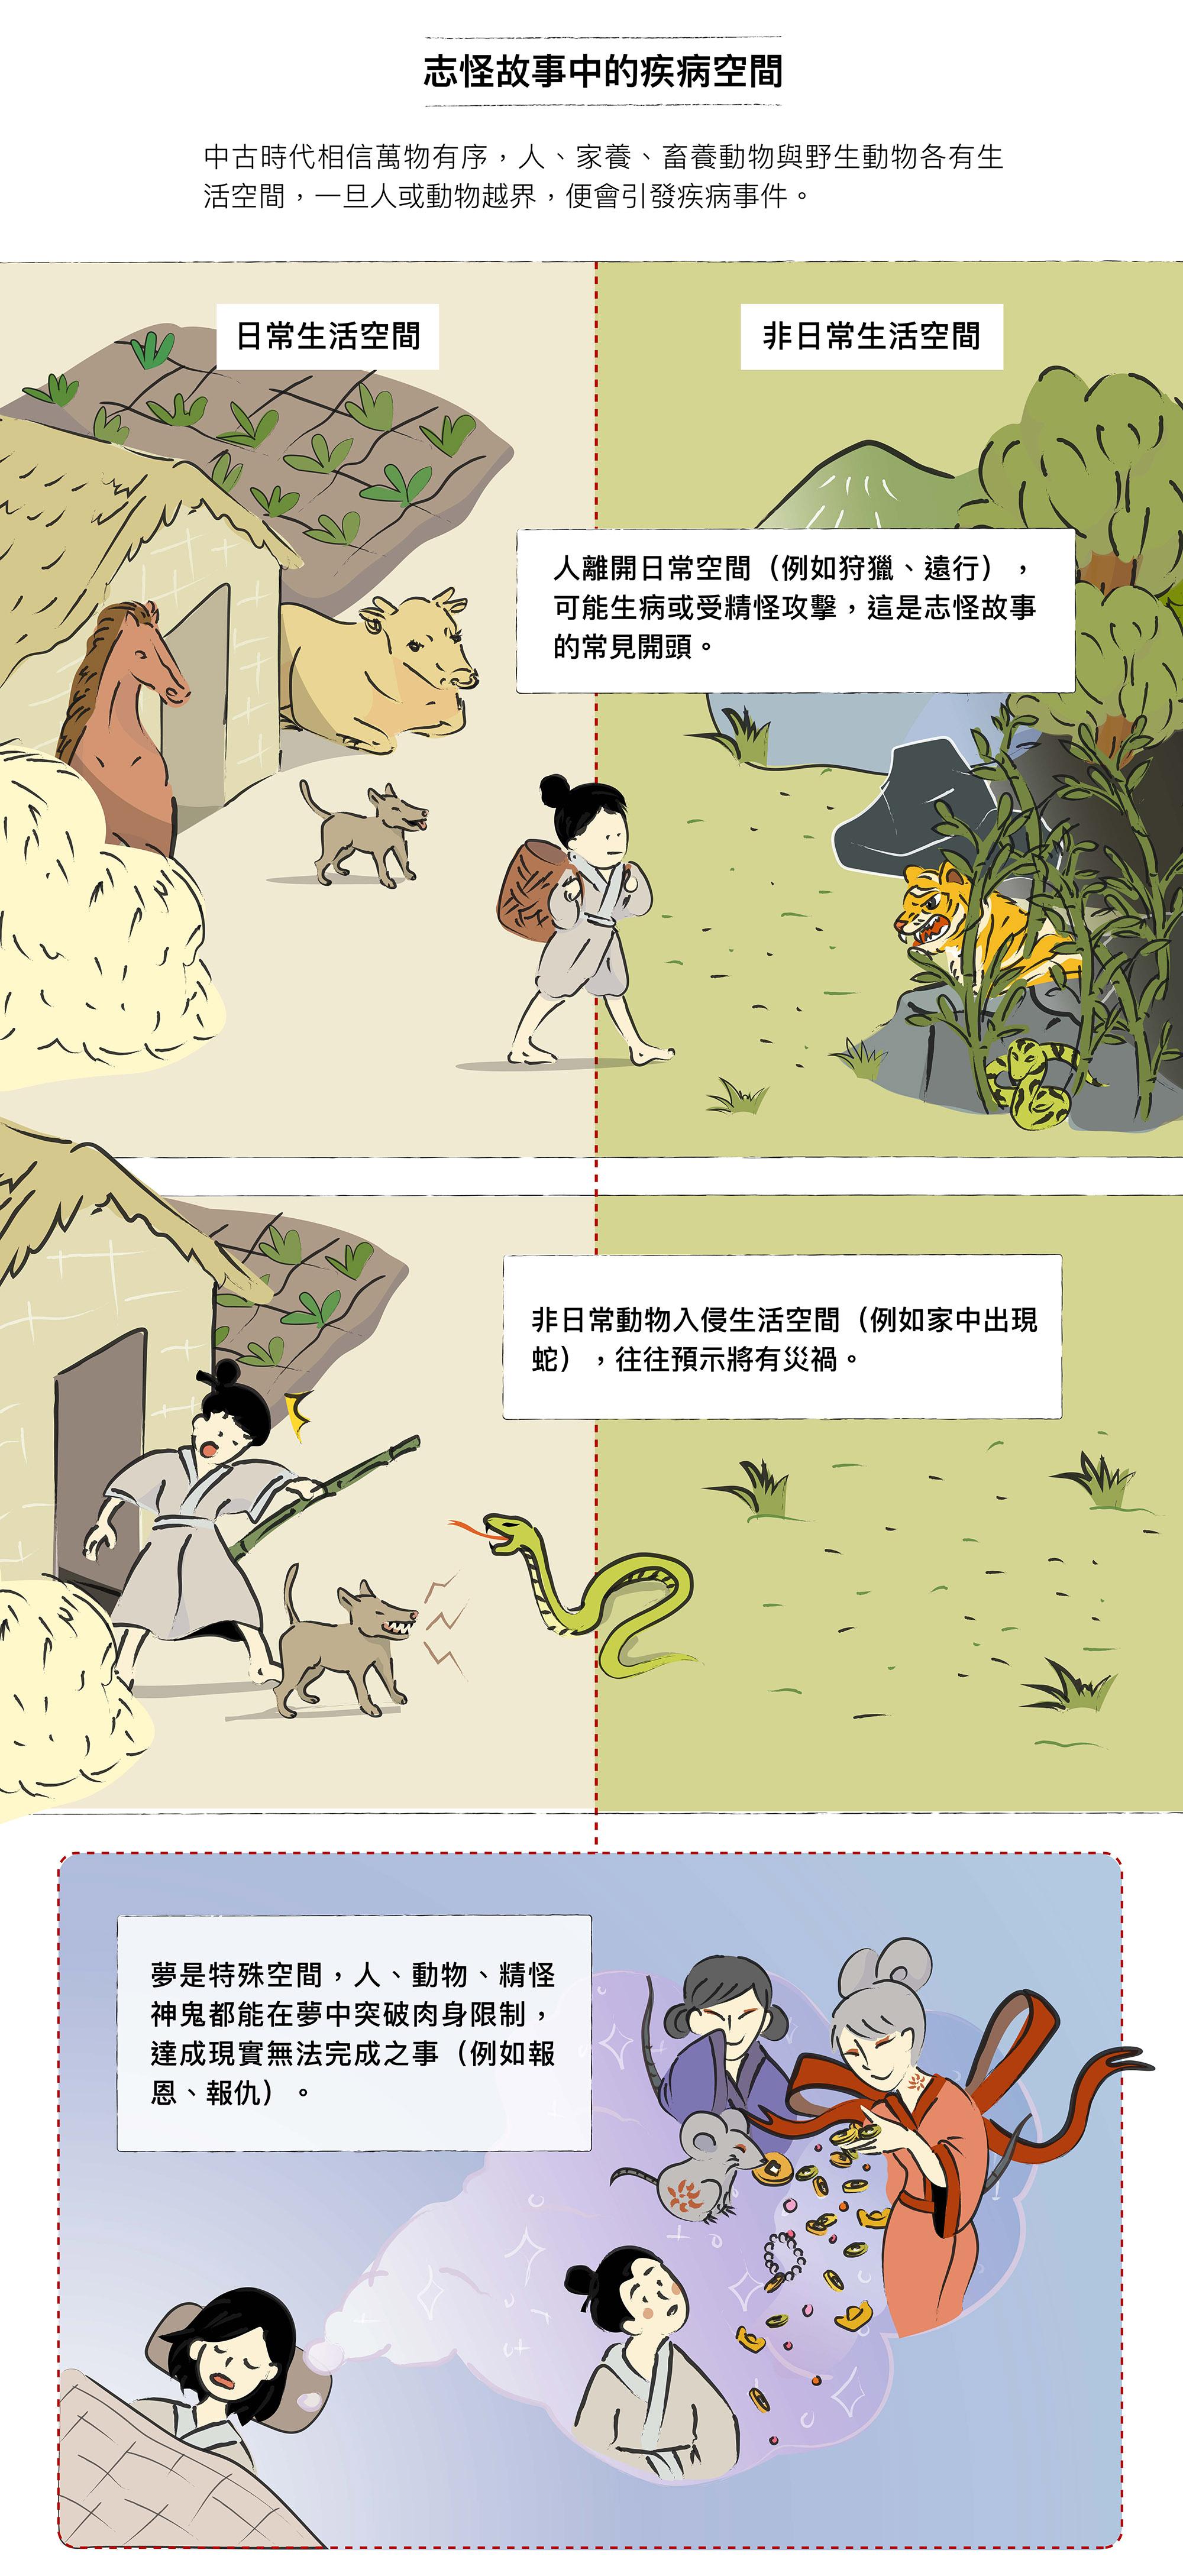 圖│研之有物 (資料來源│劉苑如、羅珮瑄、邱琬淳)